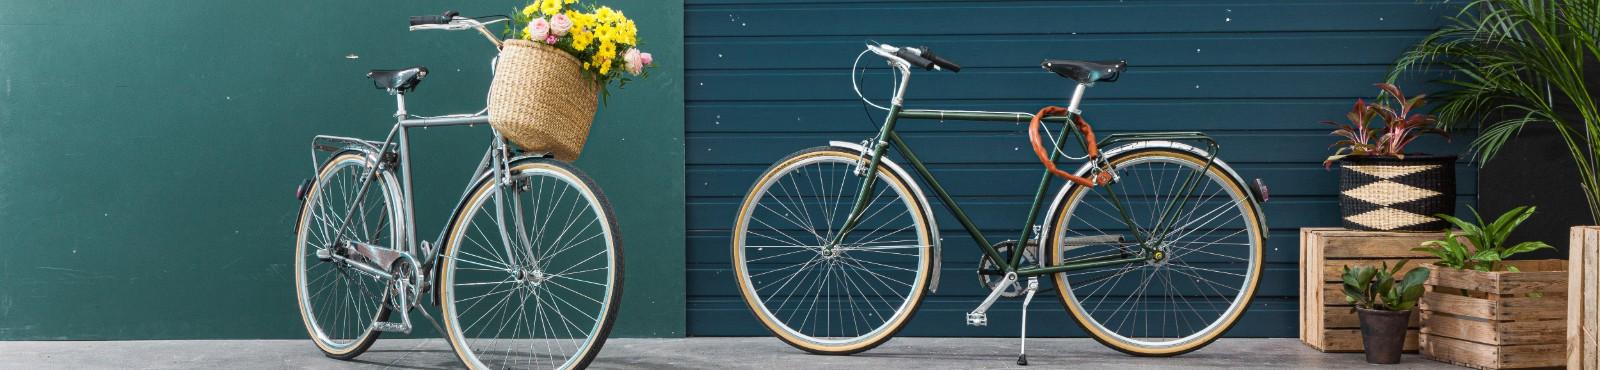 markowe rowery na komunie allegro